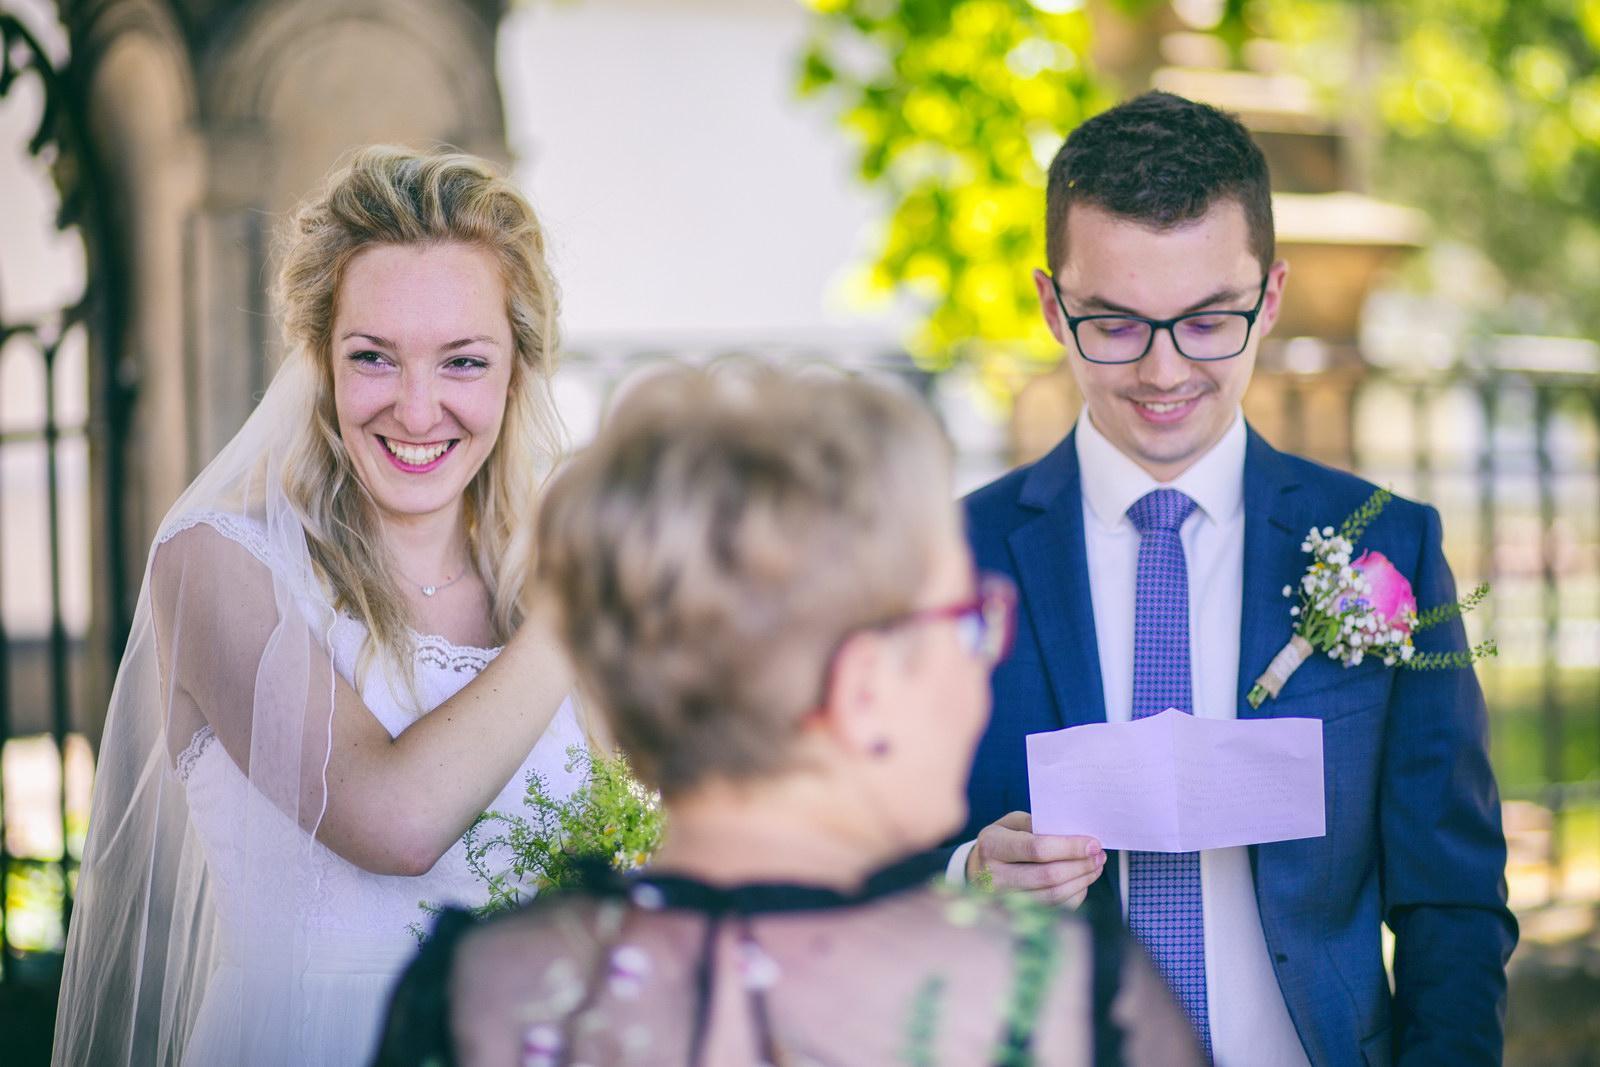 Alzbeta a Michal svadba - Obrázek č. 2